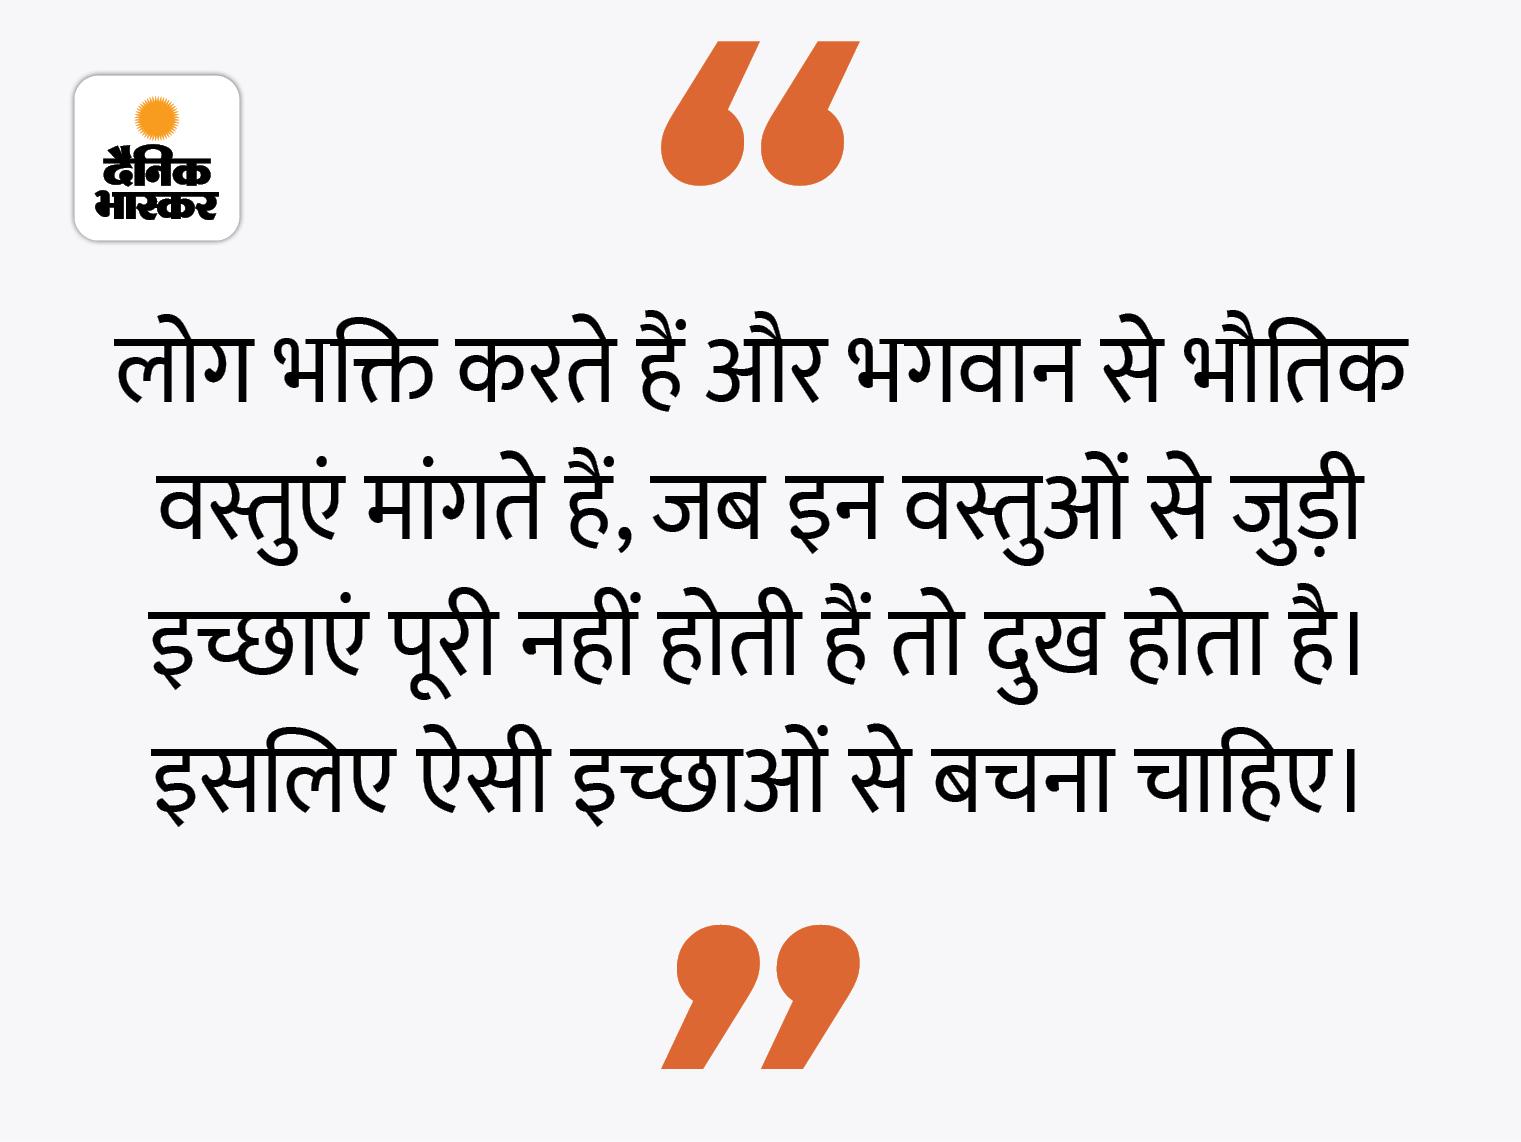 भगवान से कुछ मांगना हो तो ऐसा कुछ मांगें जो सिर्फ भगवान ही दे सकते हैं|धर्म,Dharm - Dainik Bhaskar